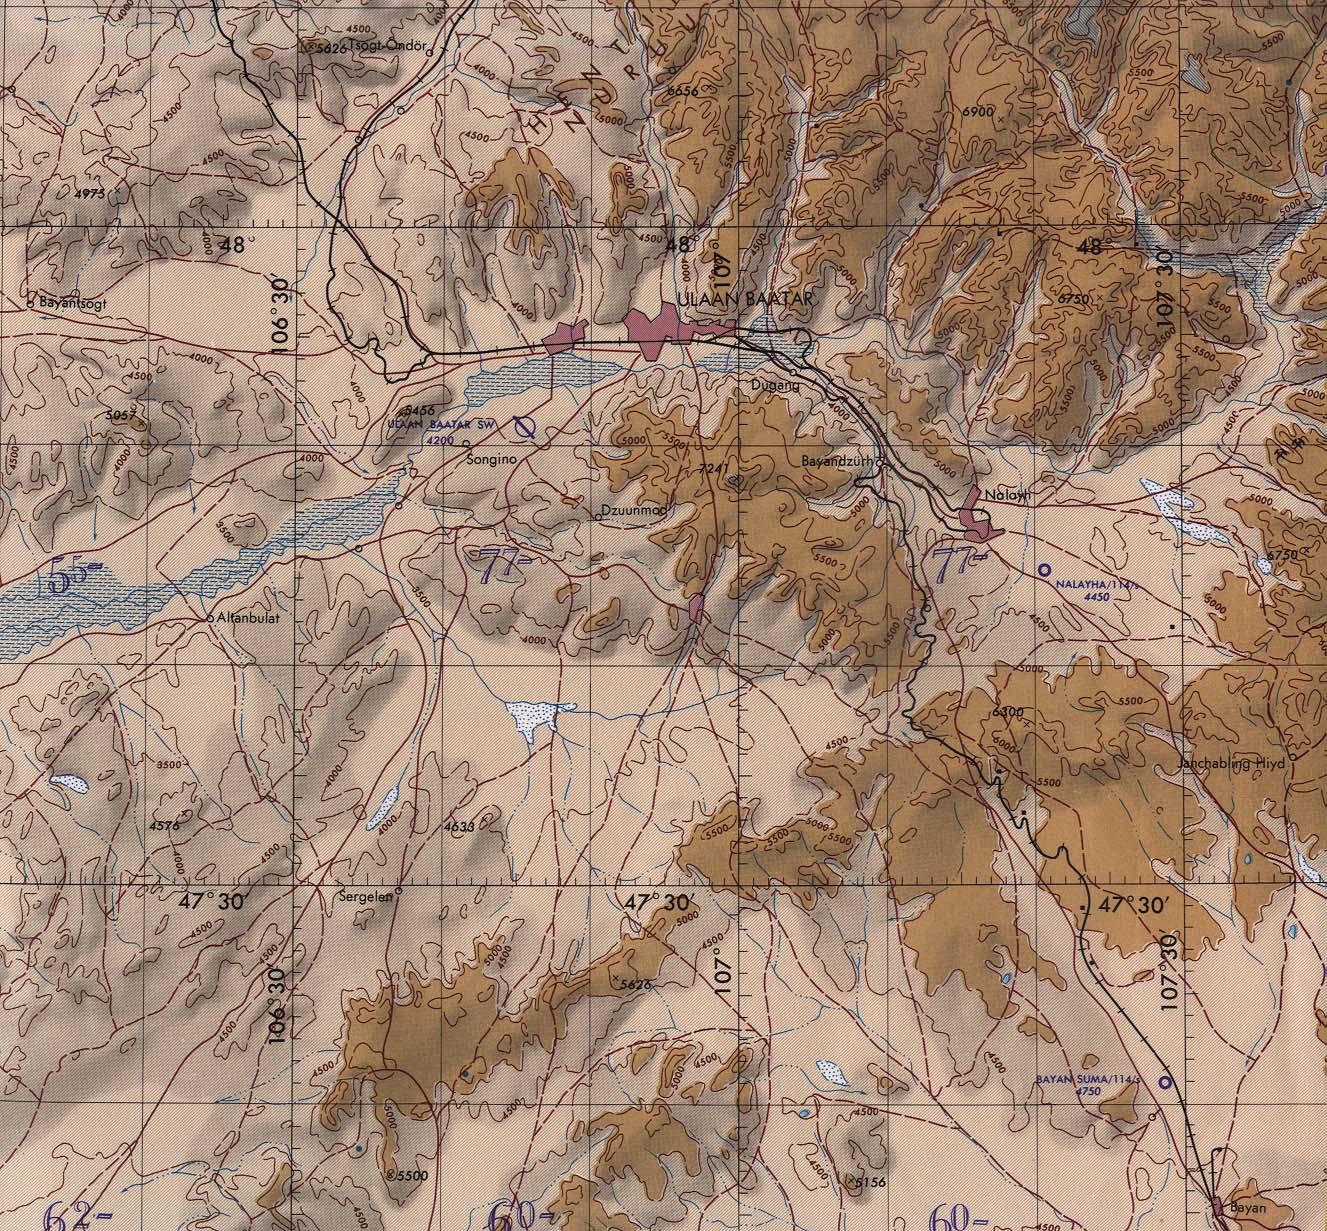 Mongolia road map.